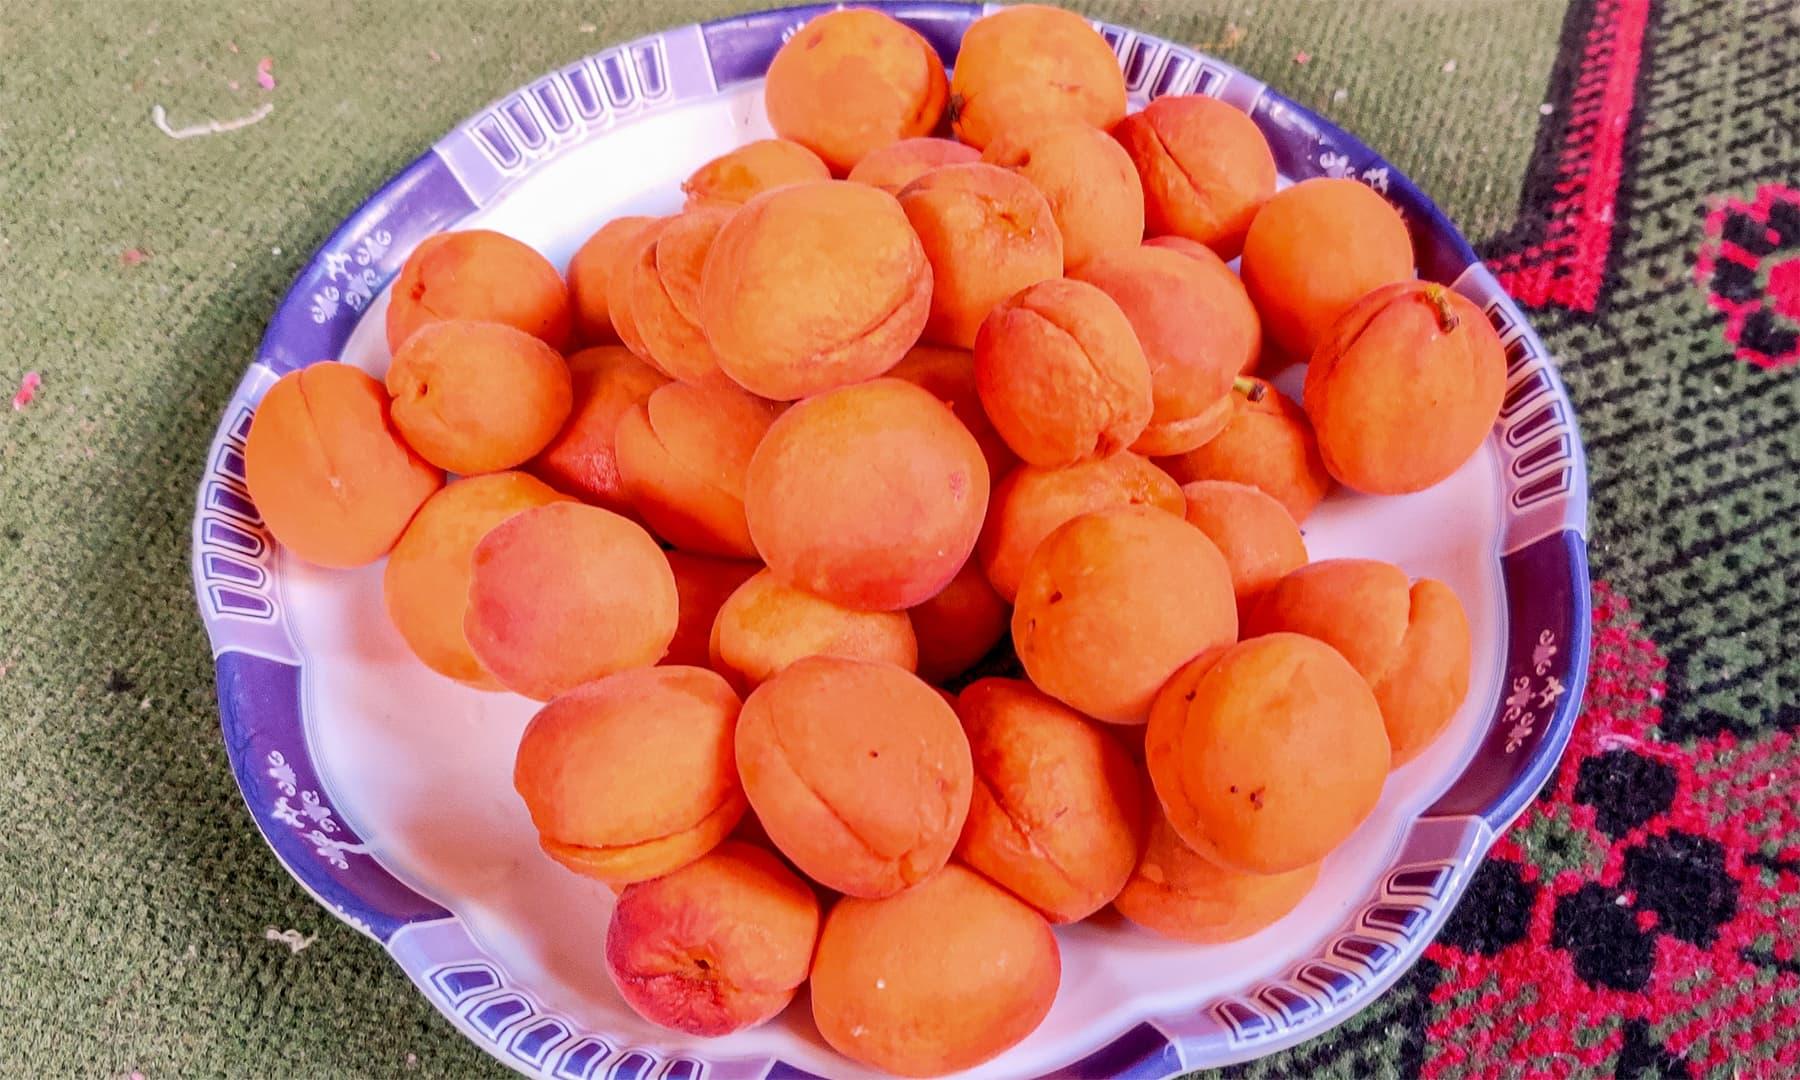 اگر بلتستان میں ہلمان خوبانی نہیں کھائی تو سمجھ لیں کہ کچھ نہیں کھایا